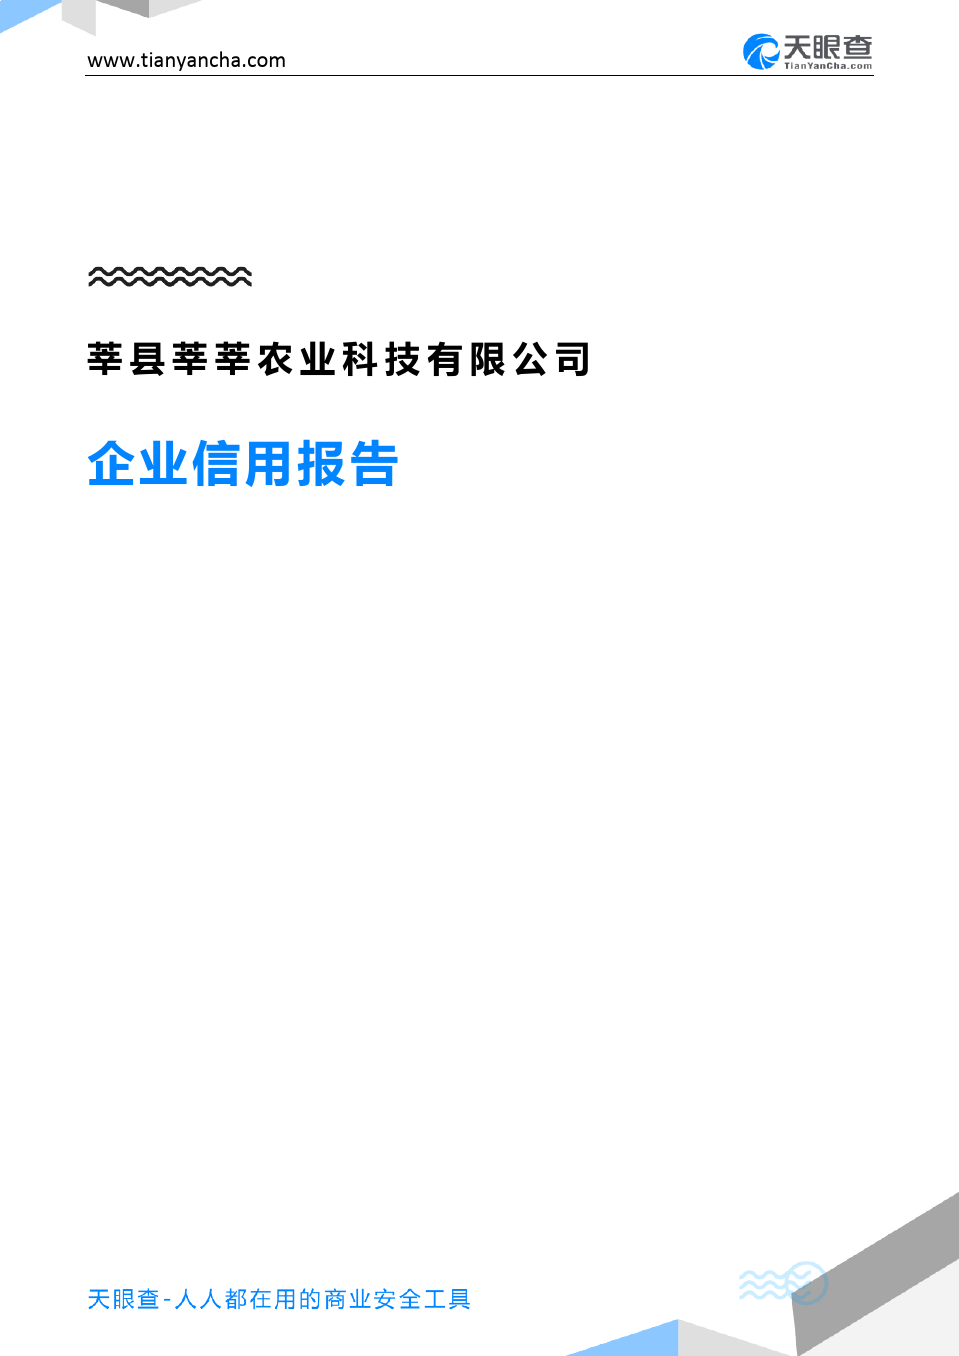 莘縣莘莘農業科技有限公司(企業信用報告)- 天眼查